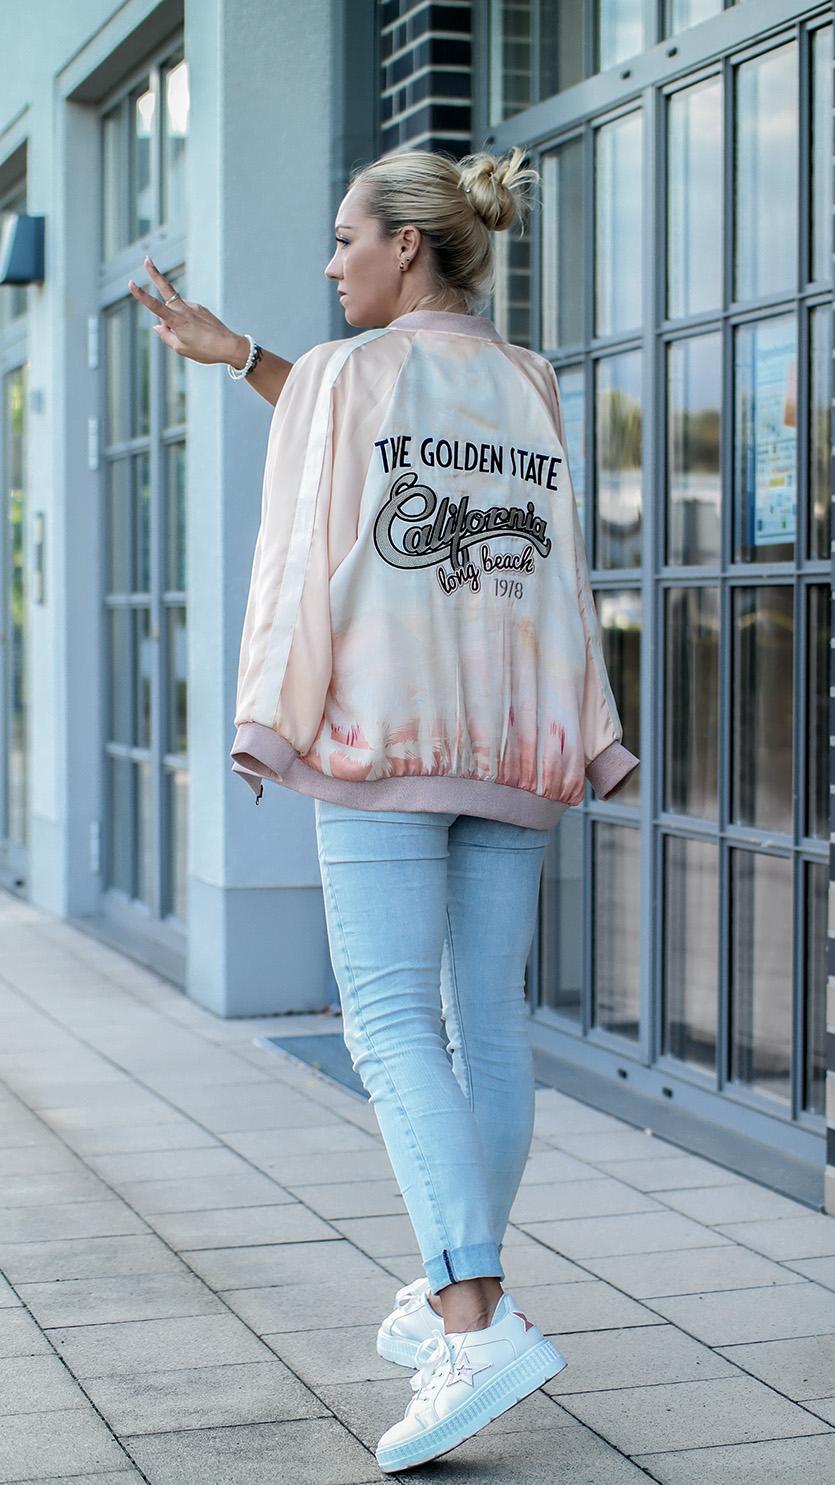 Pastellfarben sind gerade im Sommer ein Thema, dass wir unheimlich lieben! Deshalb habe ich heute ein Outfit für Euch, das mit der pastellfarbenen Bomberjacke & den coolen Platform Sneakern wie geschaffen für das Motto Pastell Liebe ist! | hot-port.de | Style & Fashion Blog für Frauen über 30